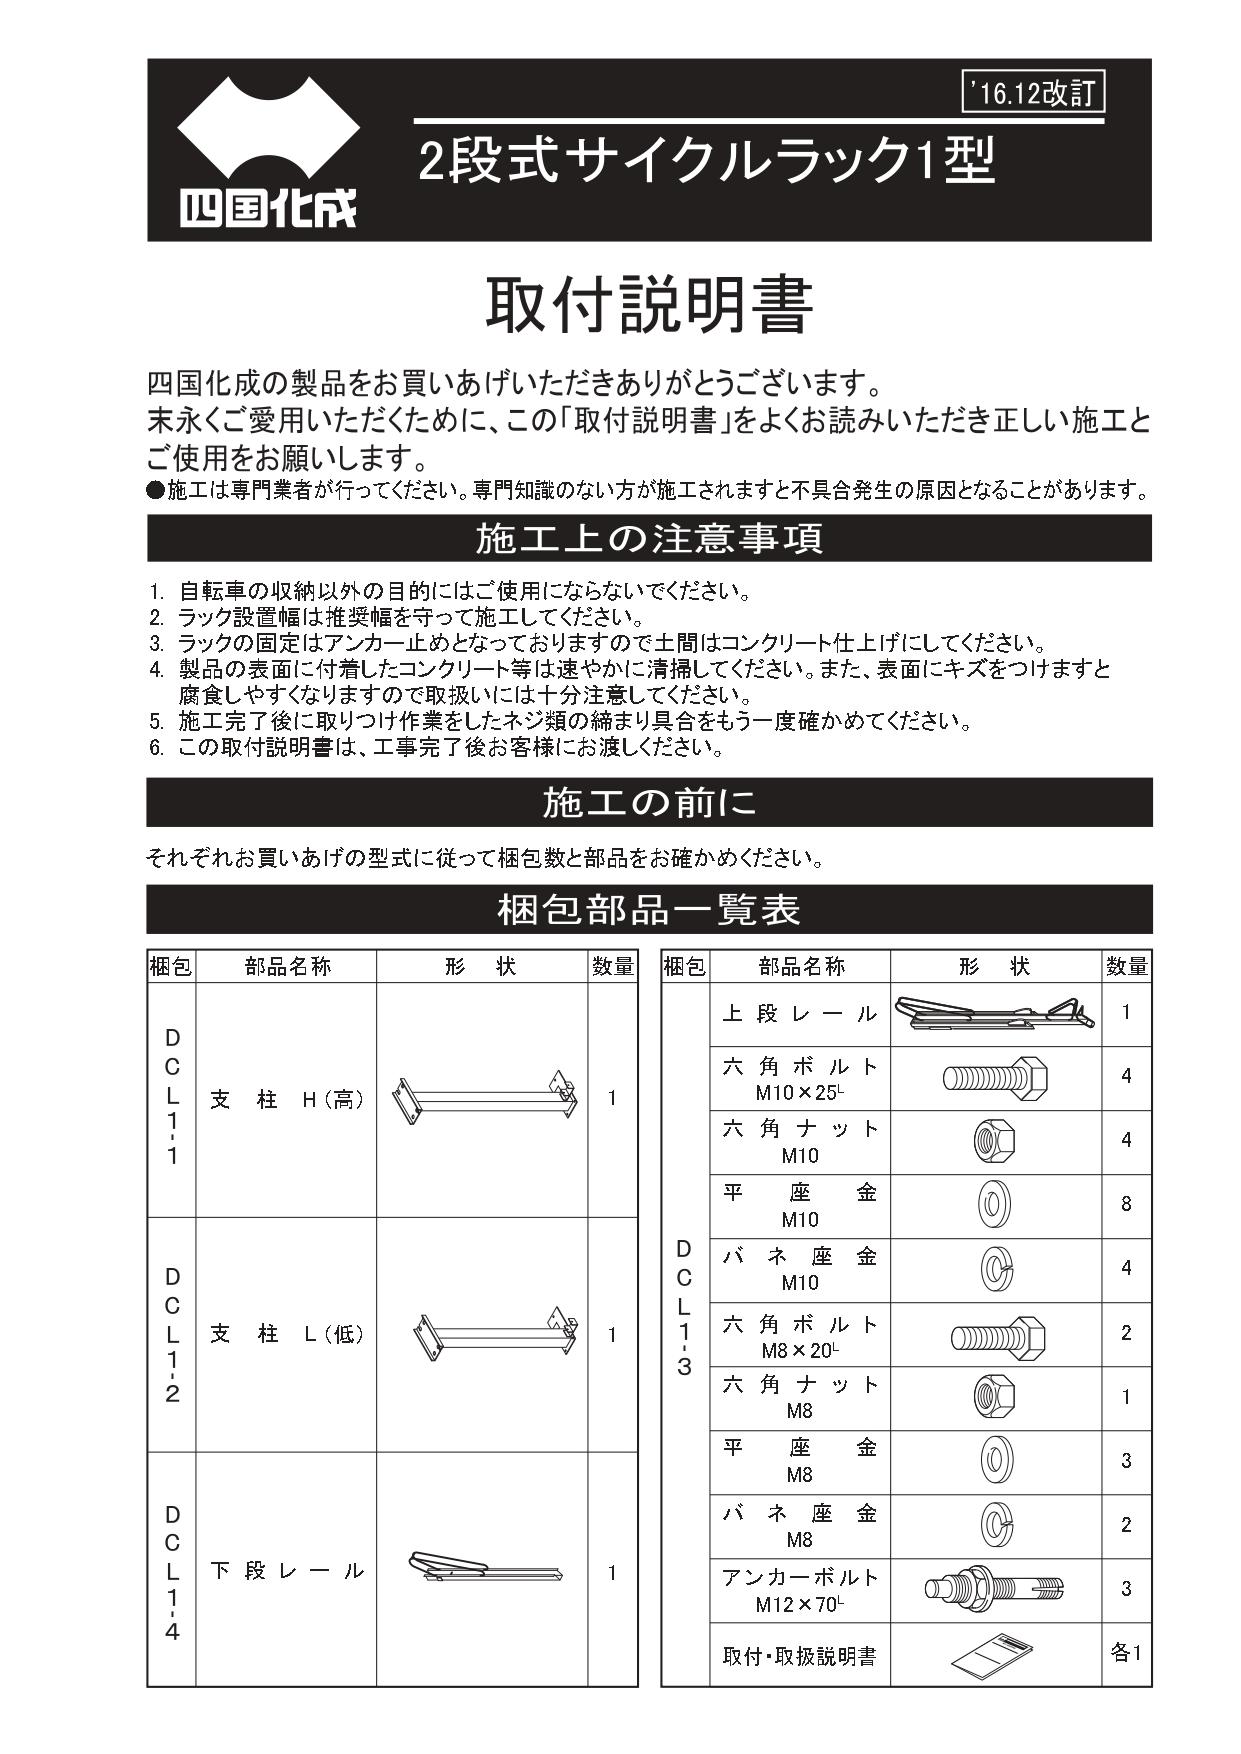 2段式サイクルラック1型 施工説明書_page-0001